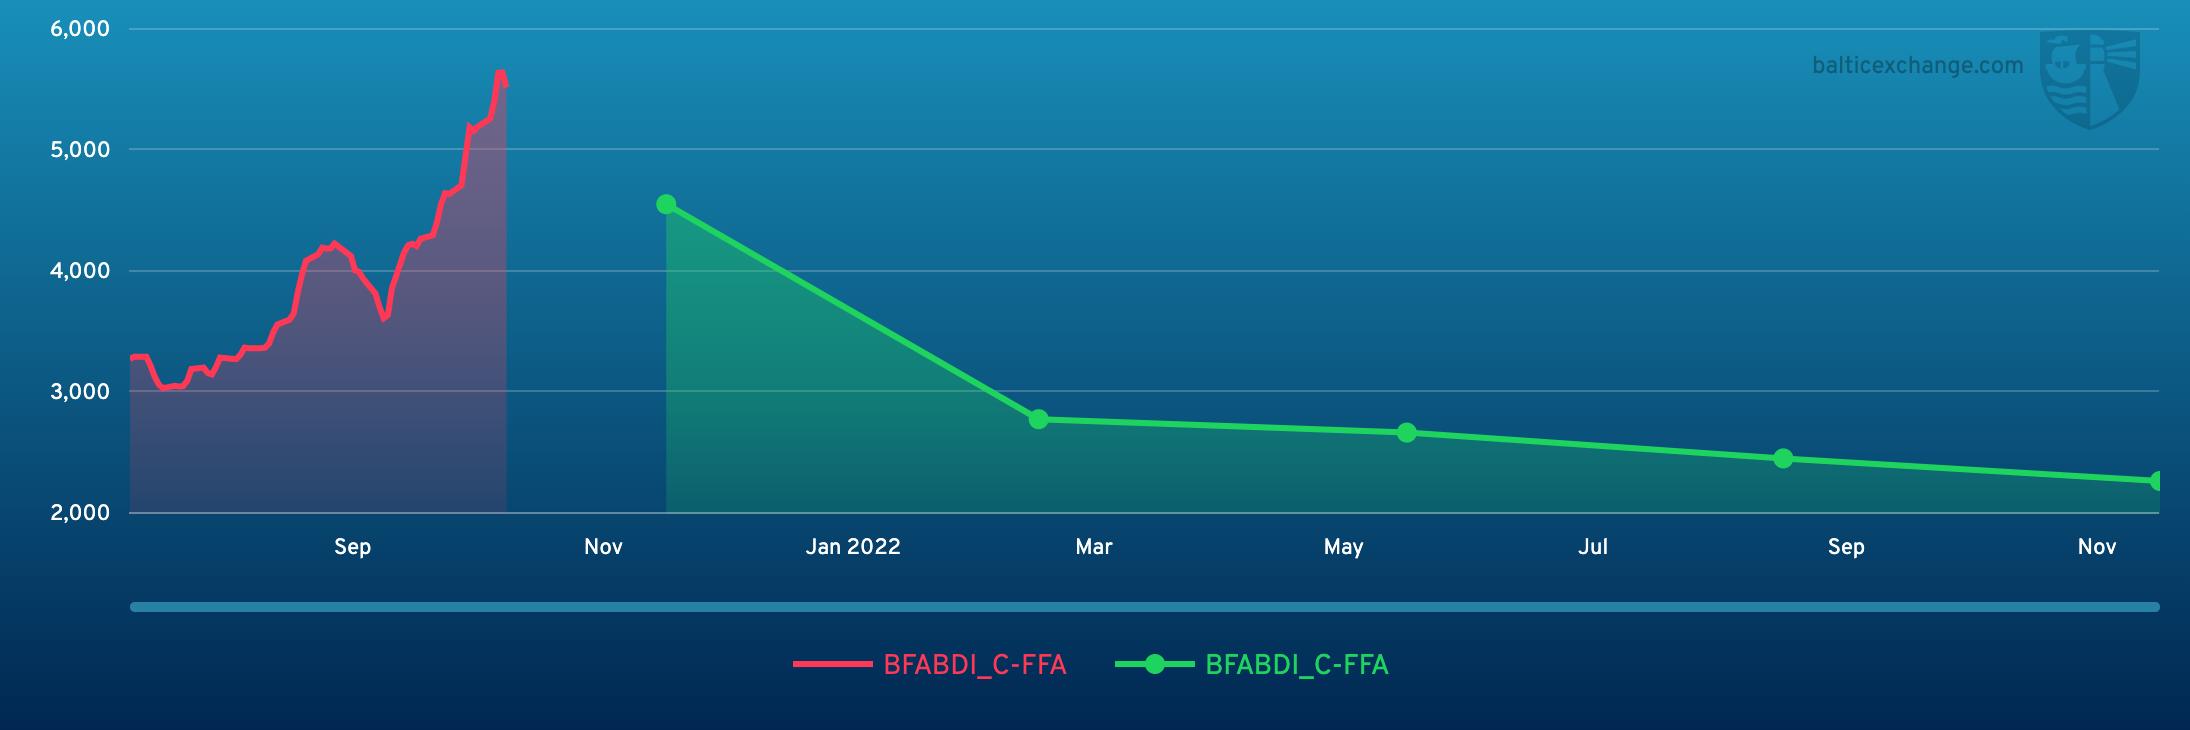 BFABDI_C-FFA 080721 161122.png